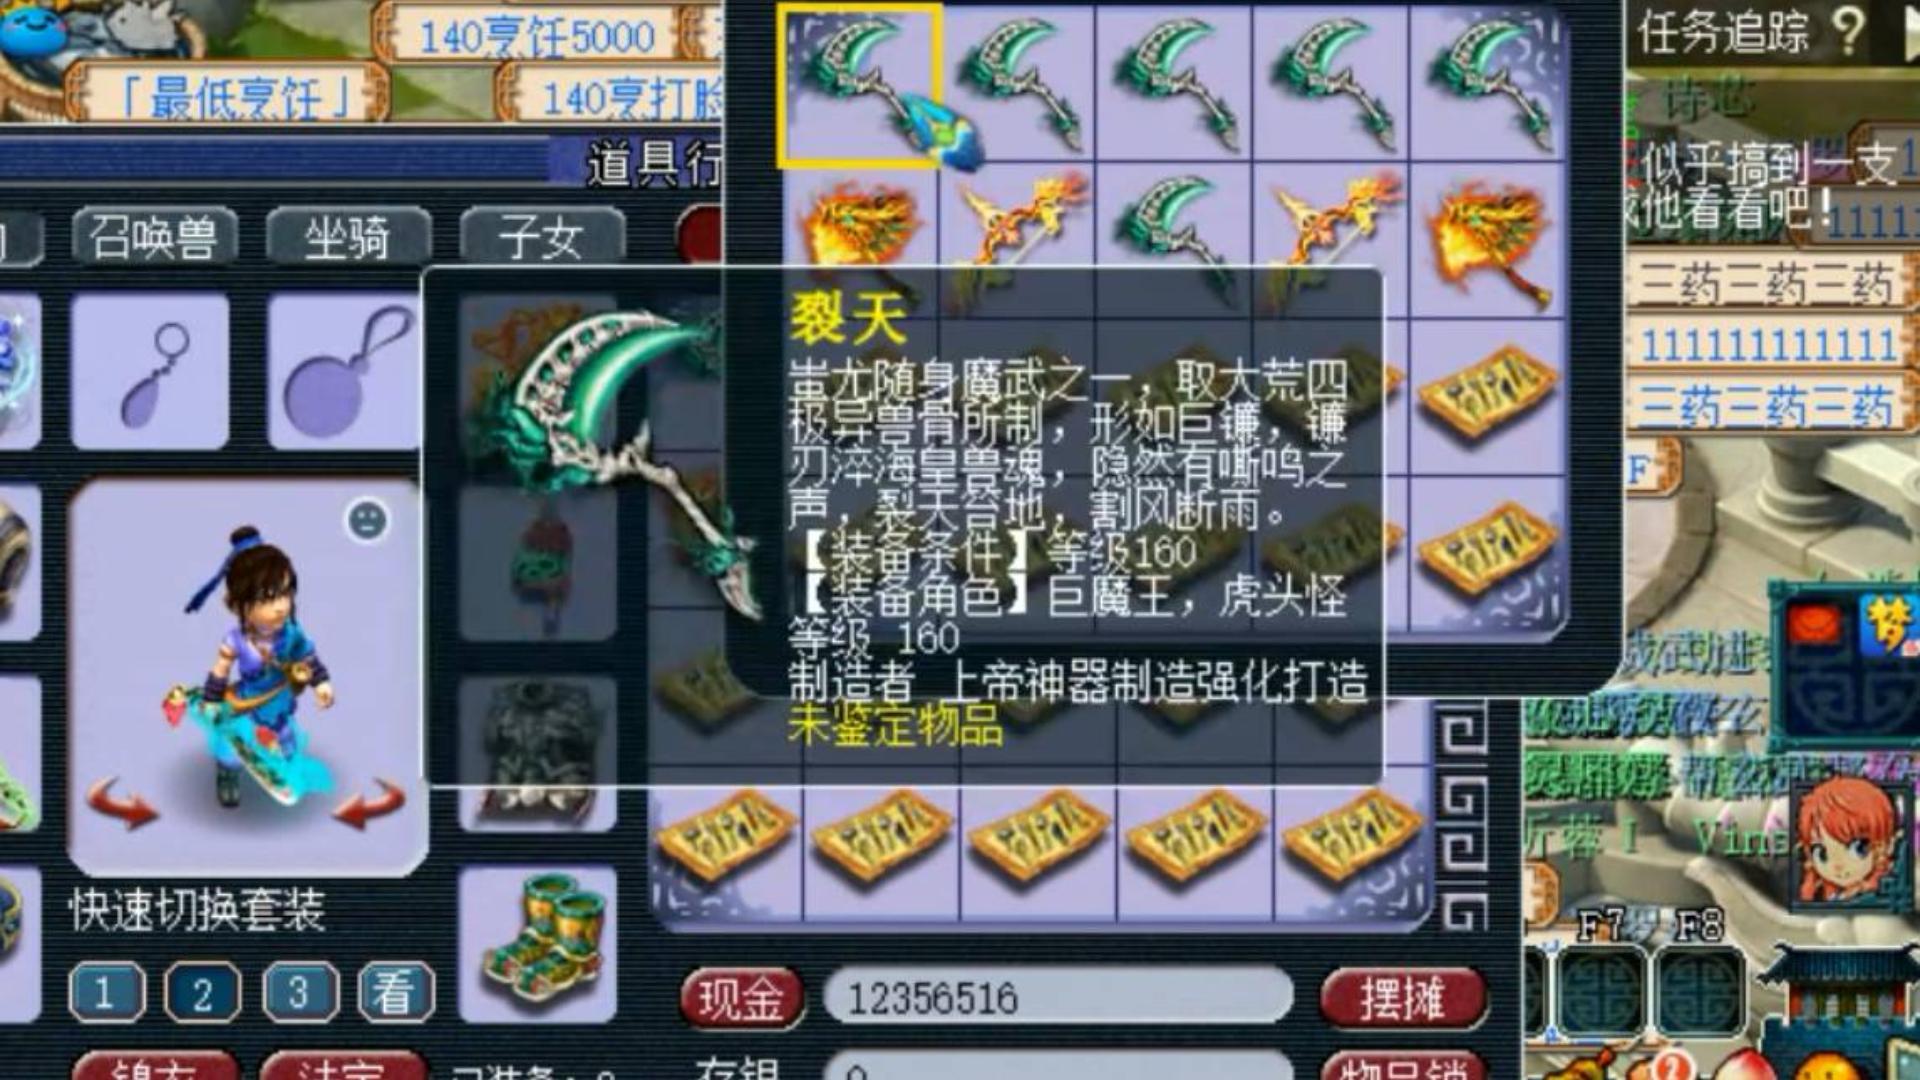 梦幻西游:这个玩家和别人不一样,鉴定武器都是带特技和特效元身